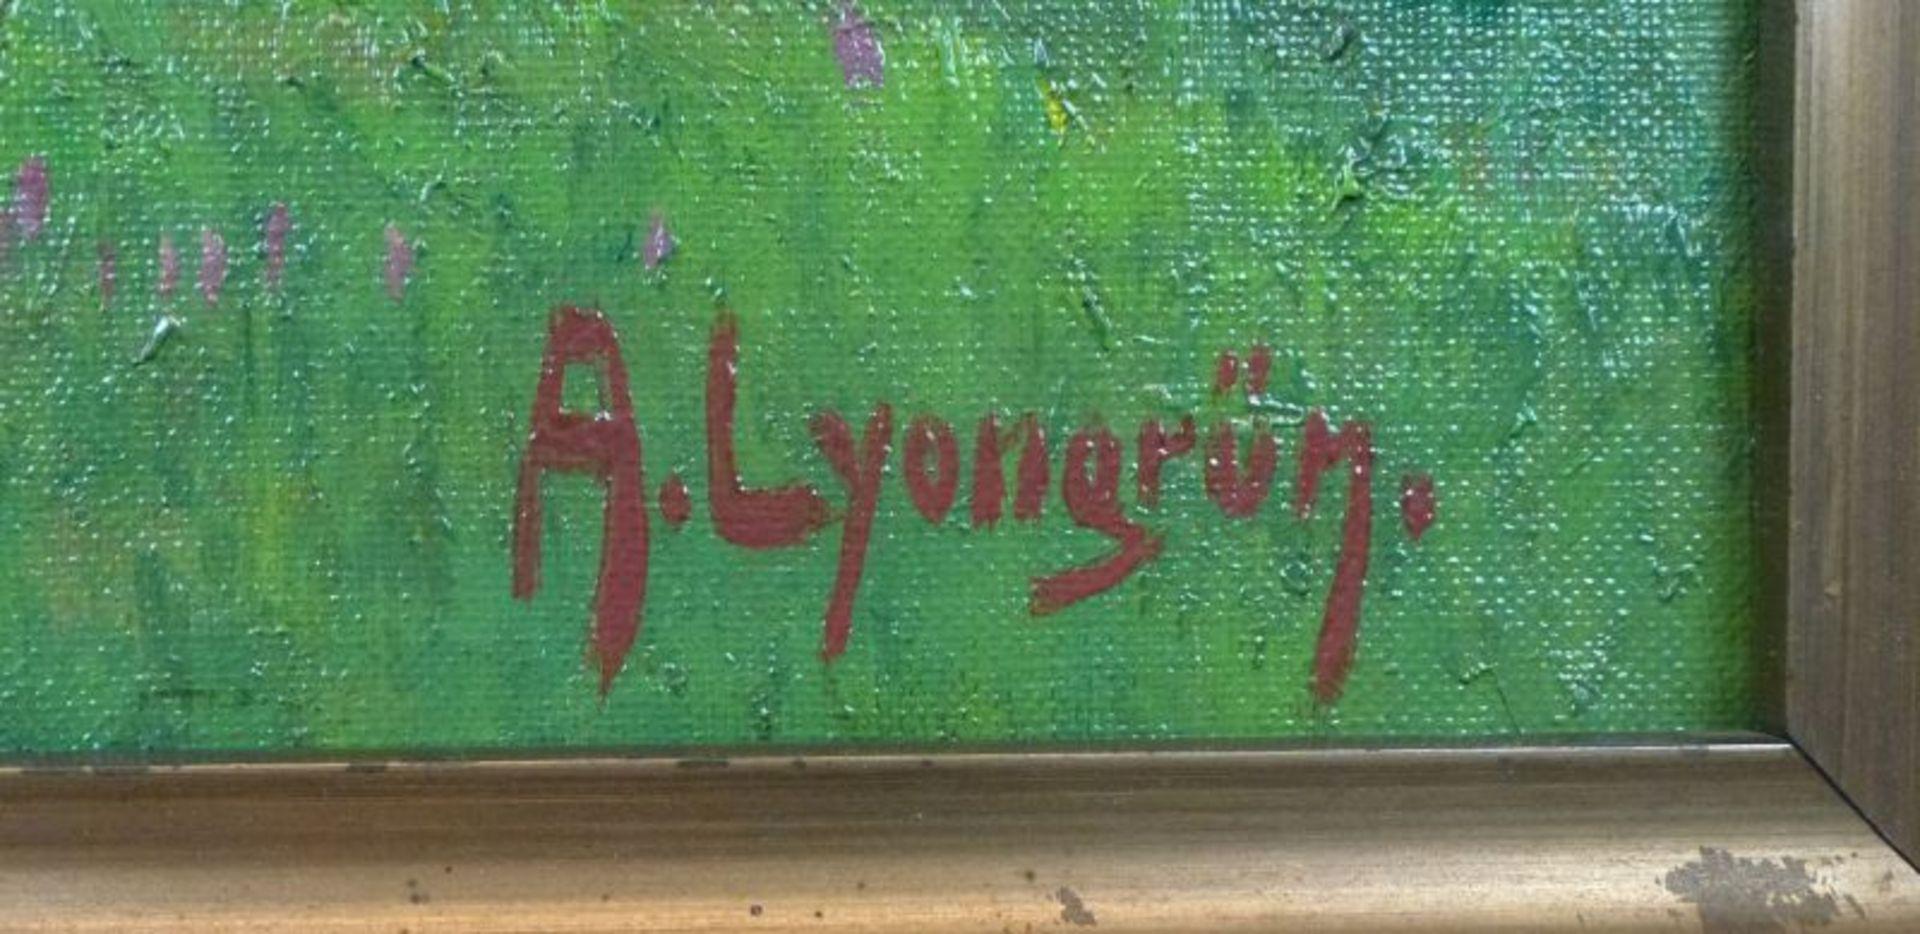 """""""Frühling an der Lühe""""Arnold Lyongrün, 1871 - 1935Öl/Lw, sign., rs. bez., Obstblüte am Fluss mit - Bild 3 aus 3"""